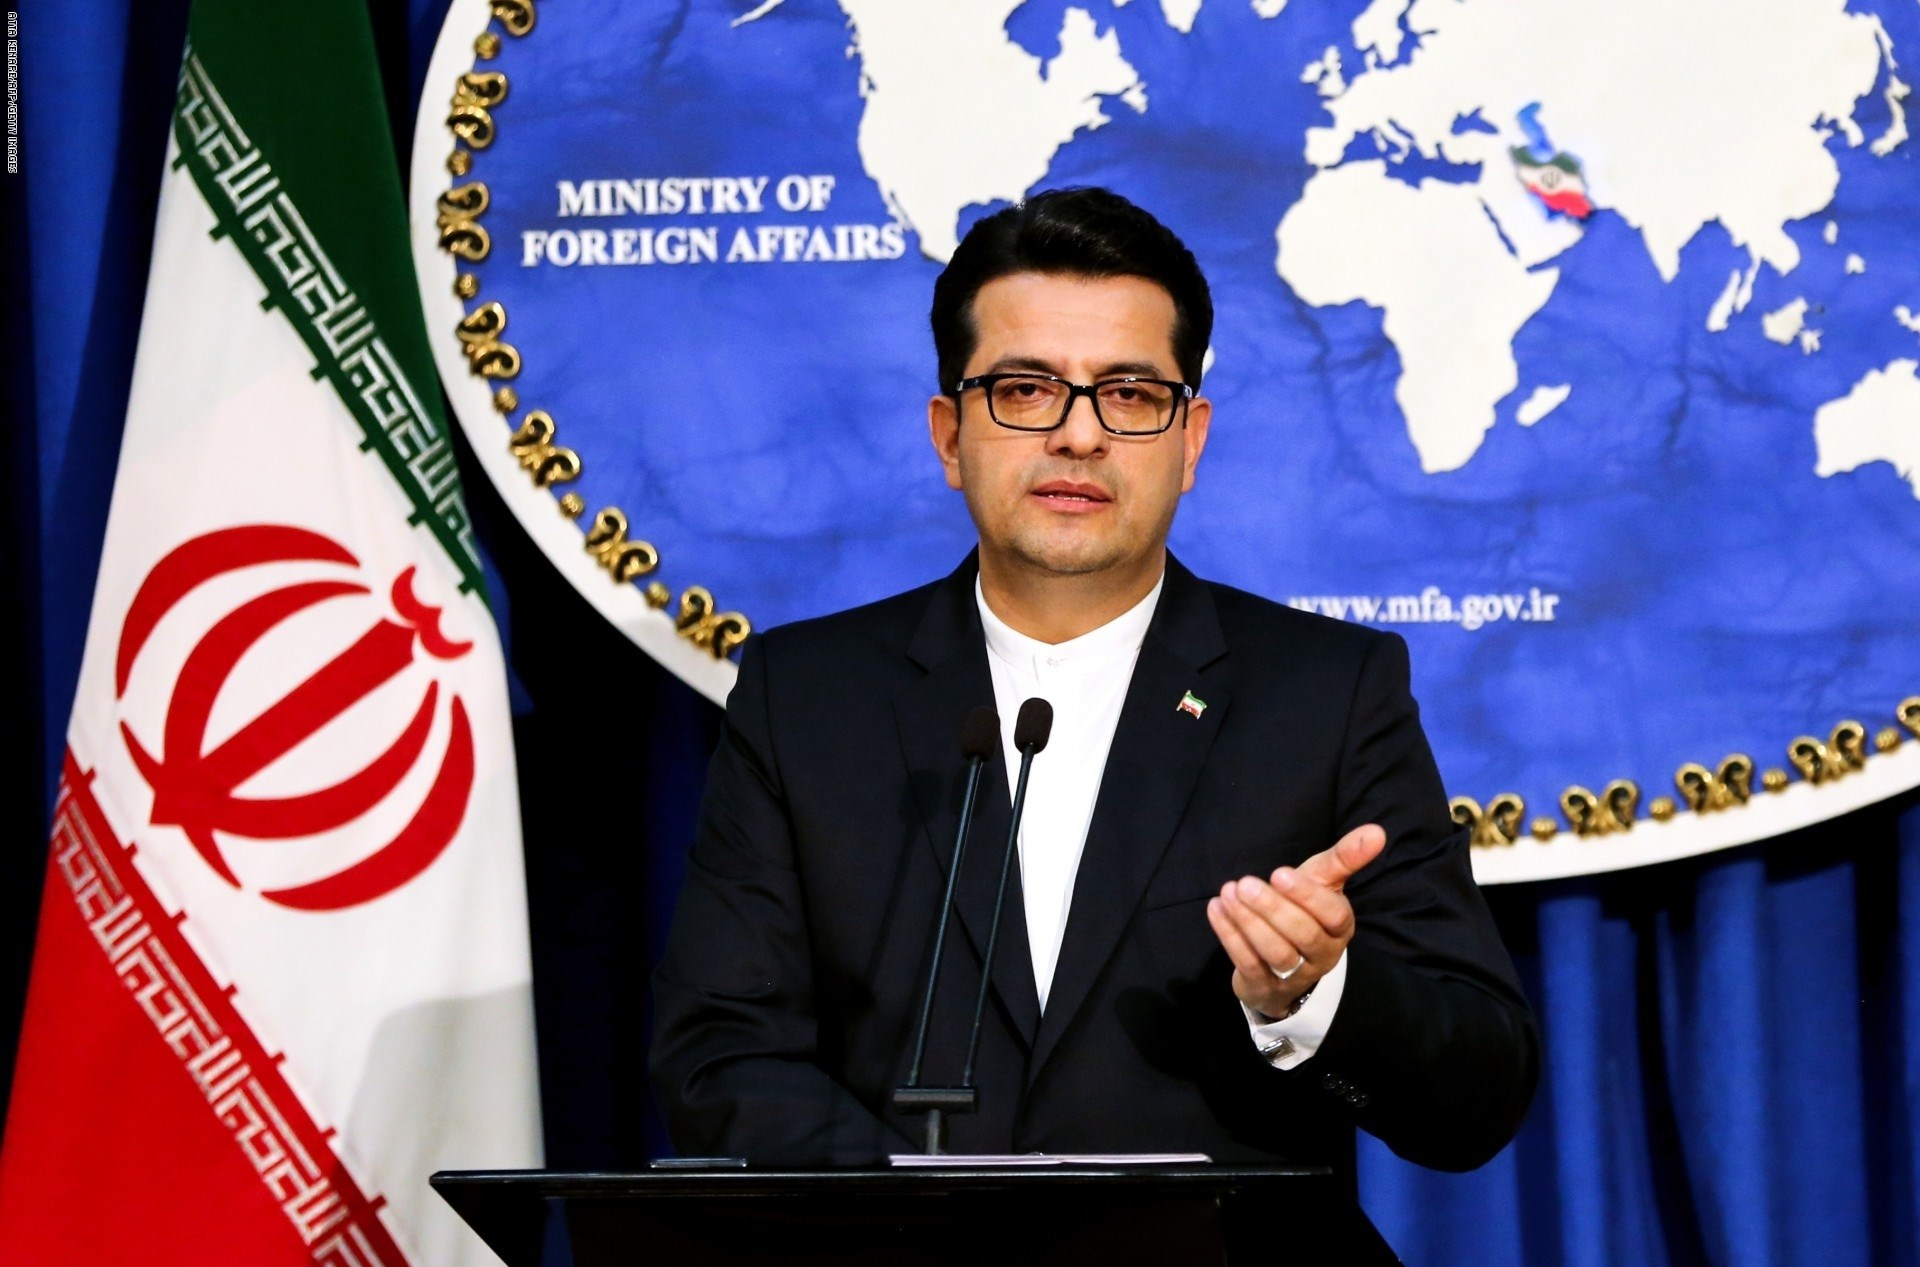 قال المتحدث باسم وزارة الخارجية الإيرانية عباس موسوي